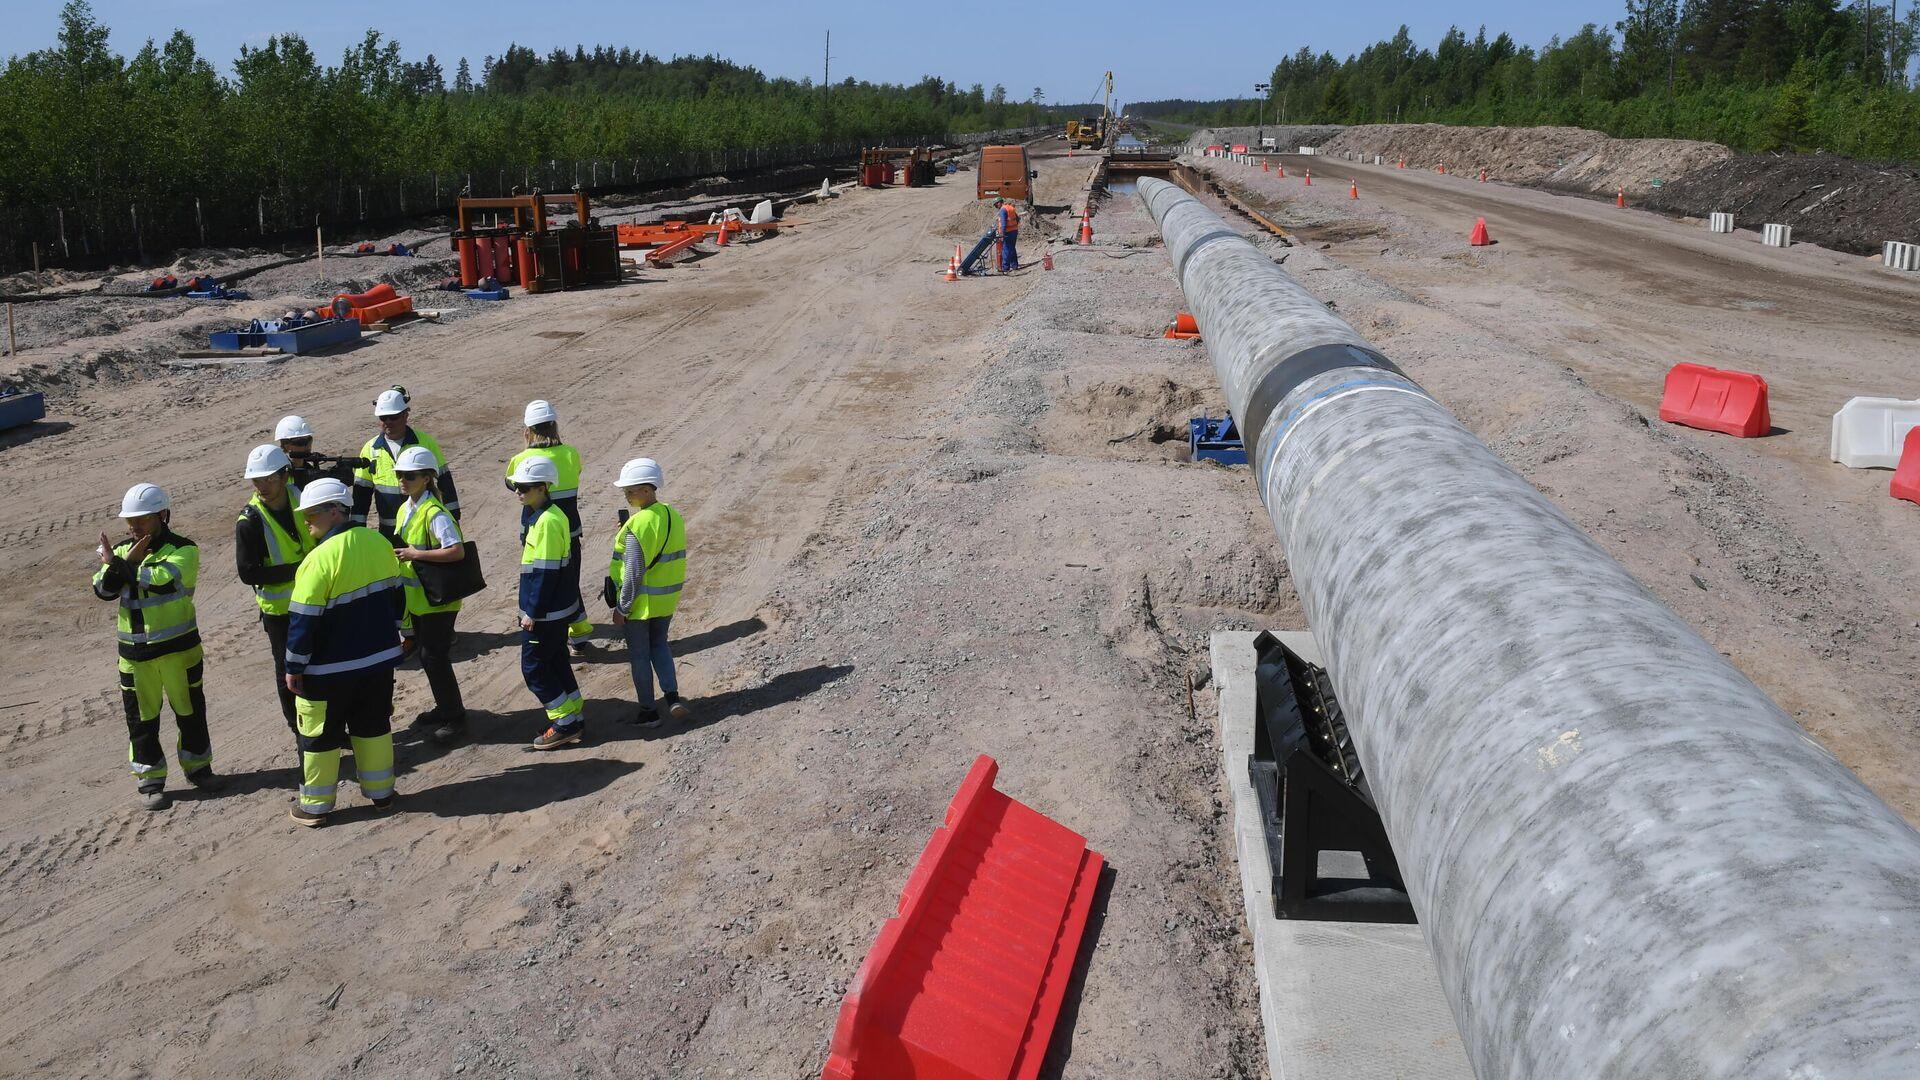 Рабочие на участке строительства газопровода Северный поток-2 в Ленинградской области - РИА Новости, 1920, 24.07.2021